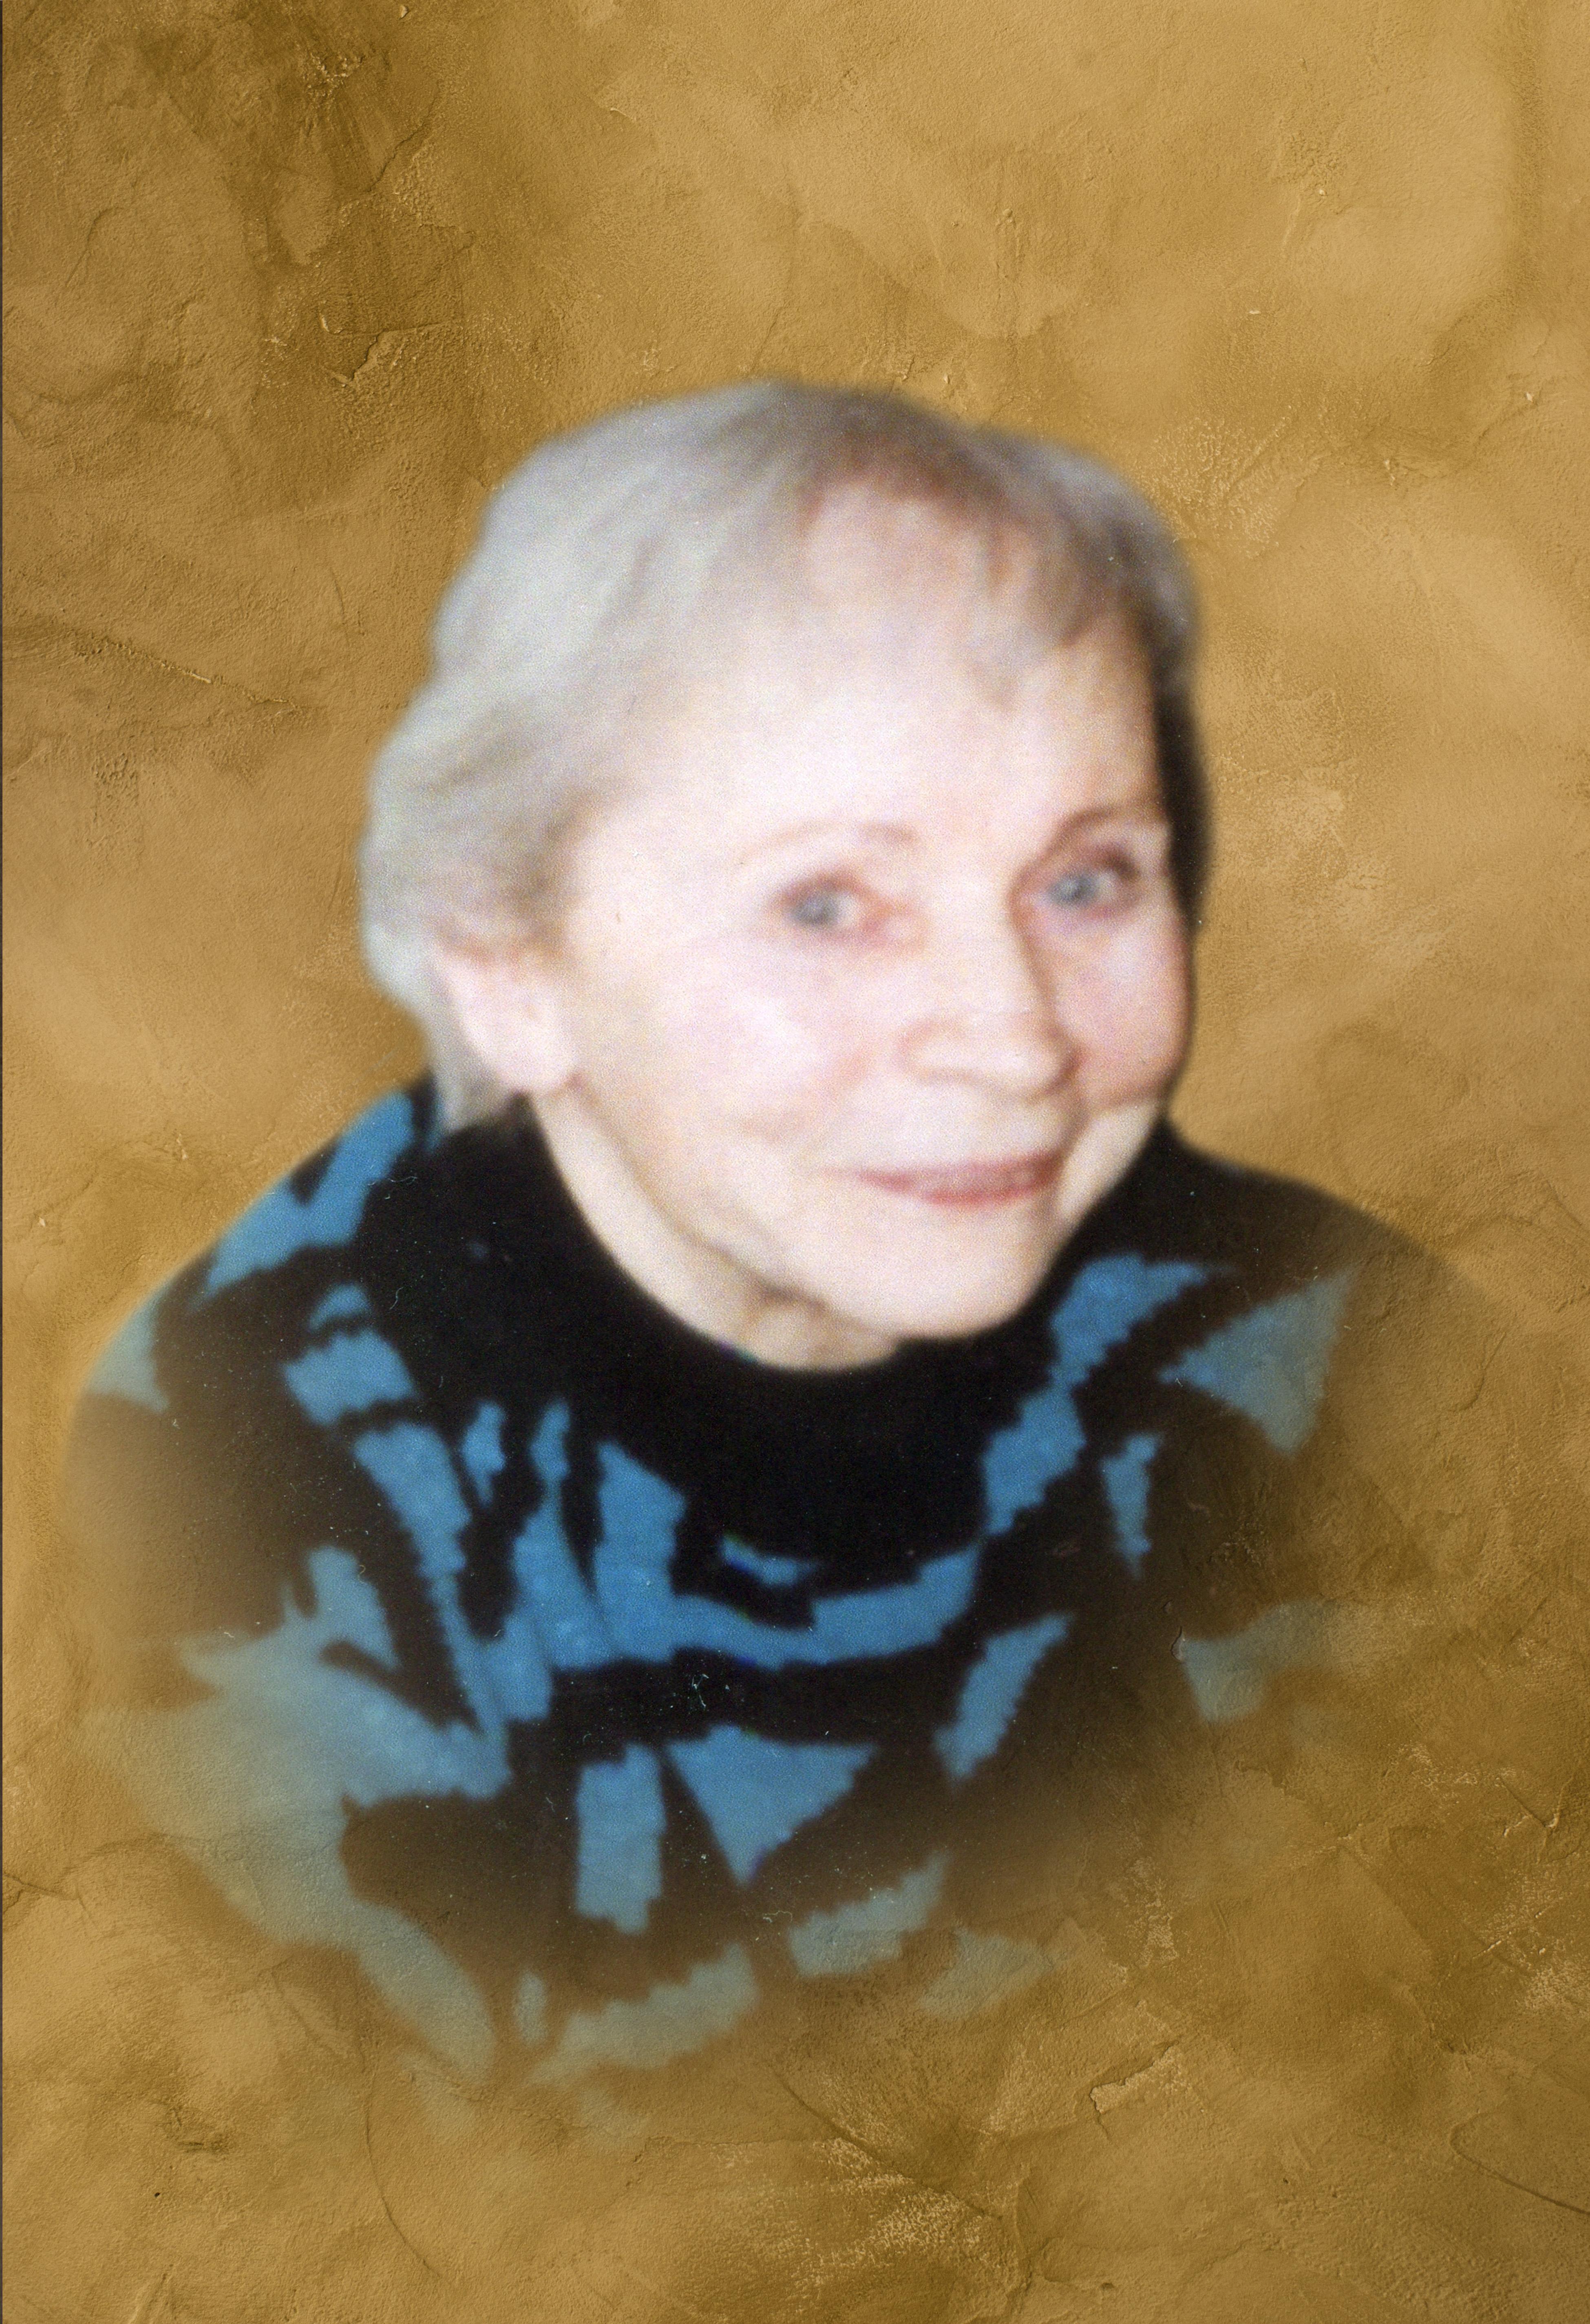 gamme de couleurs exceptionnelle remise spéciale de prix de gros Hilda M. Collier Obituary - Visitation & Funeral Information